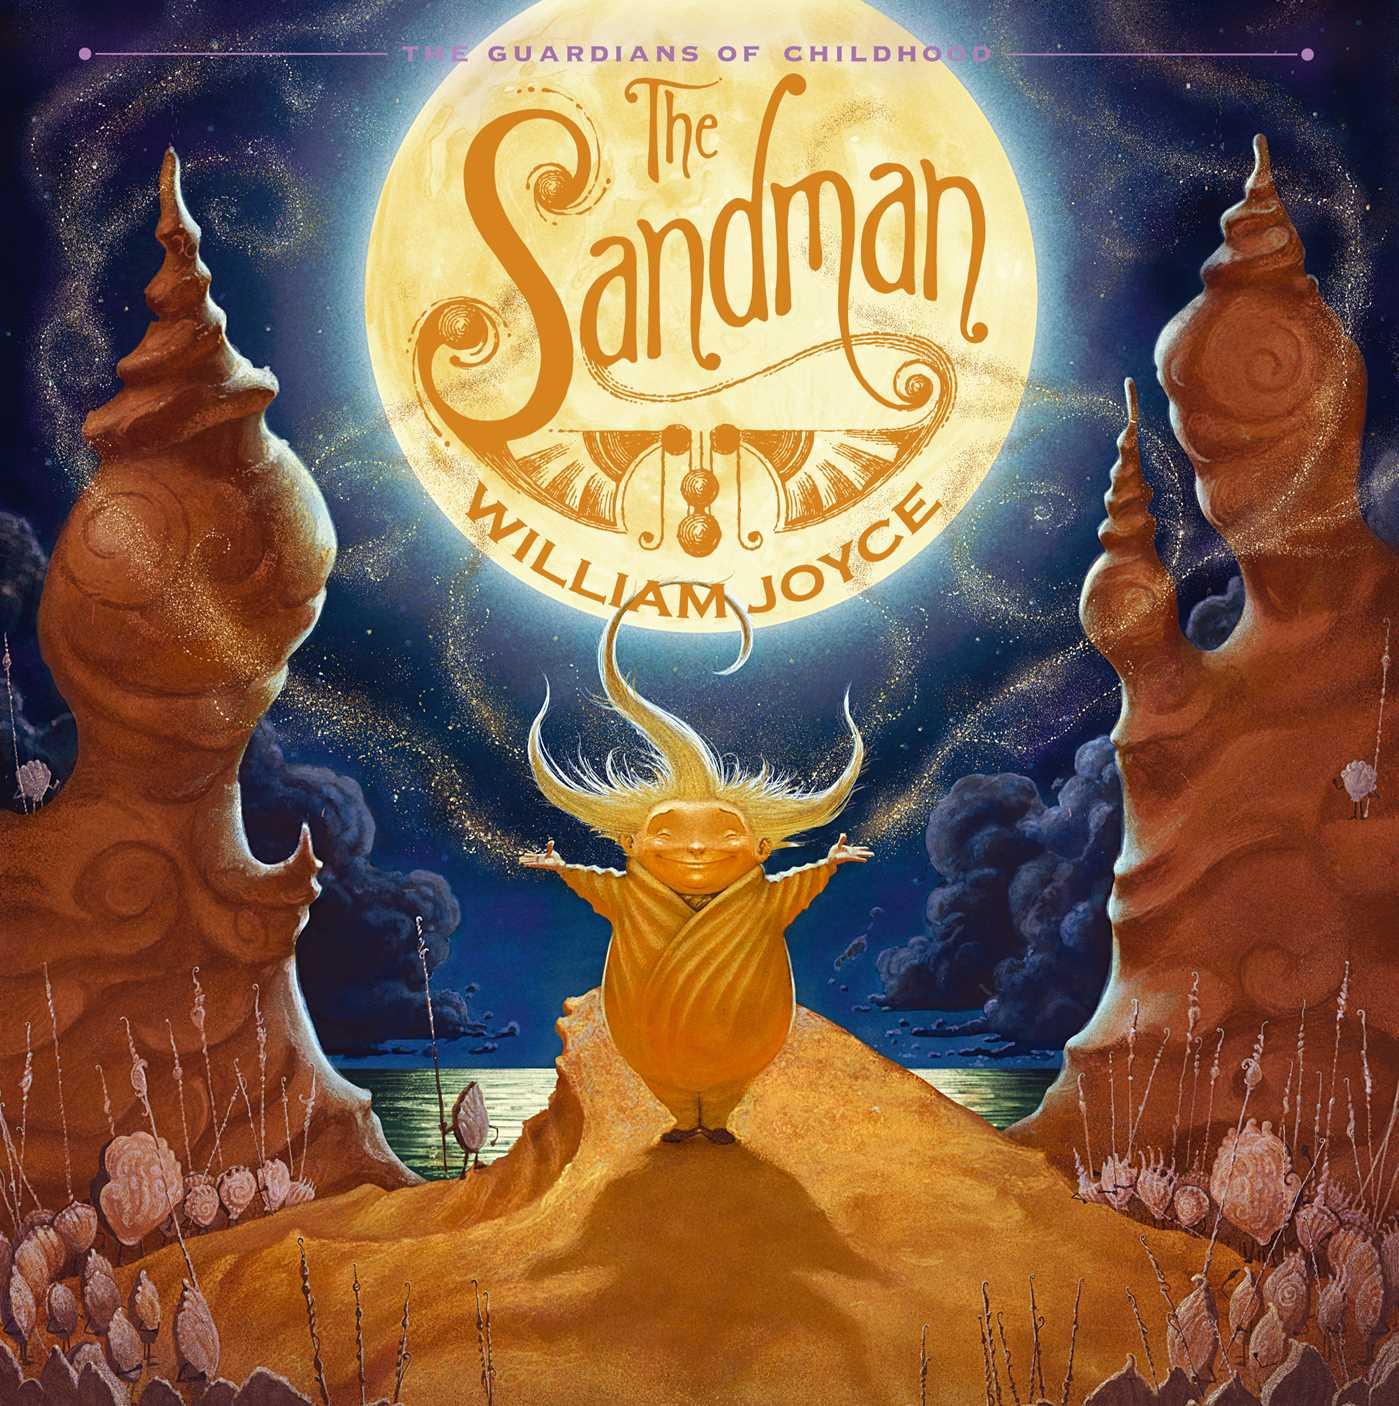 The sandman 9781442454484 hr